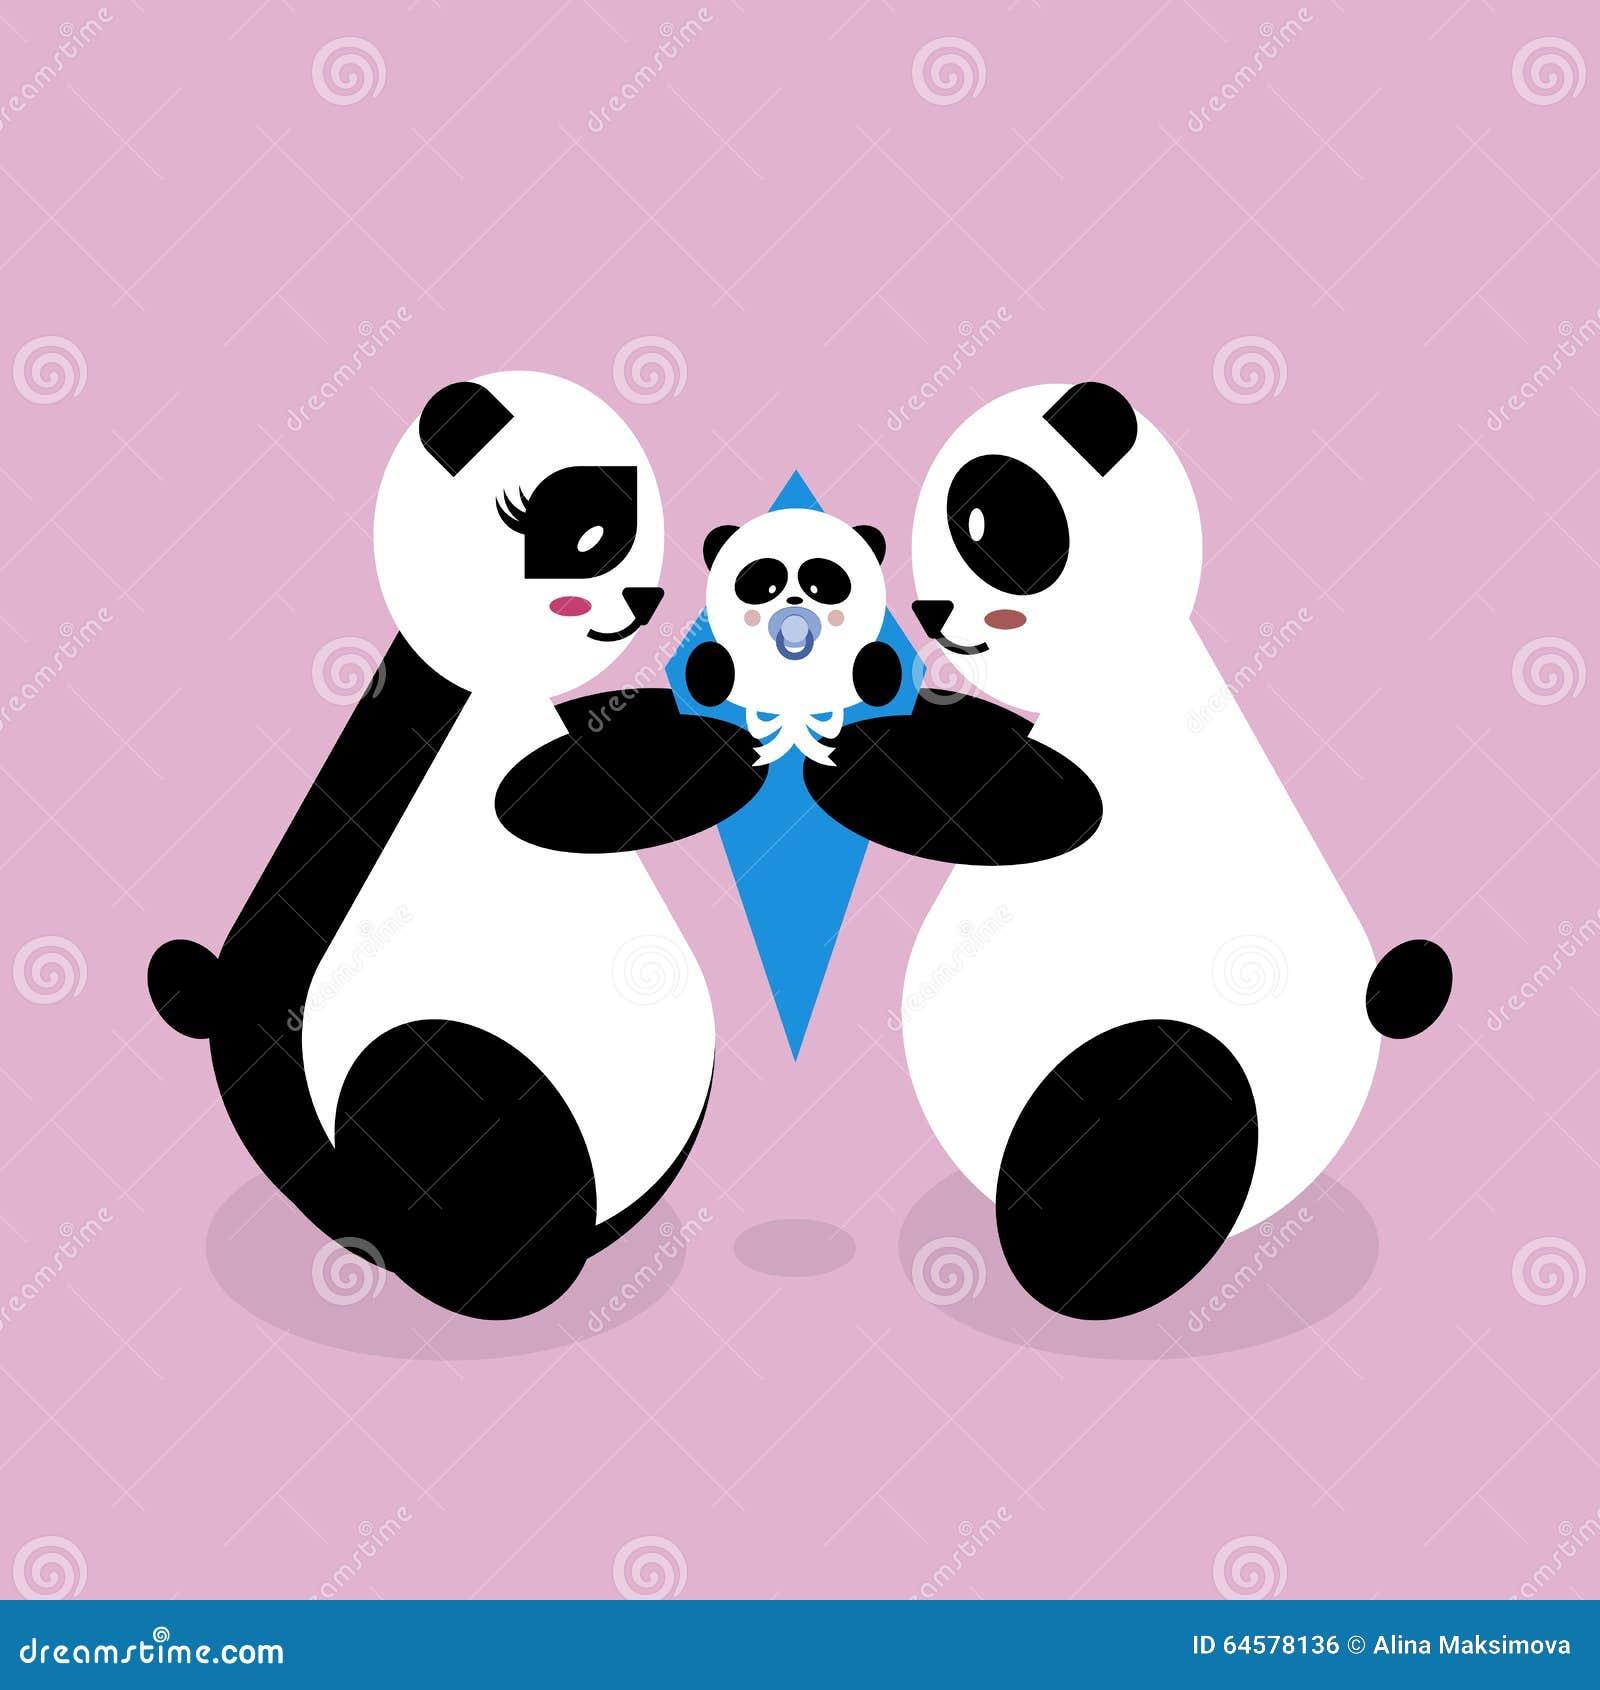 Newborn panda and mom - photo#37